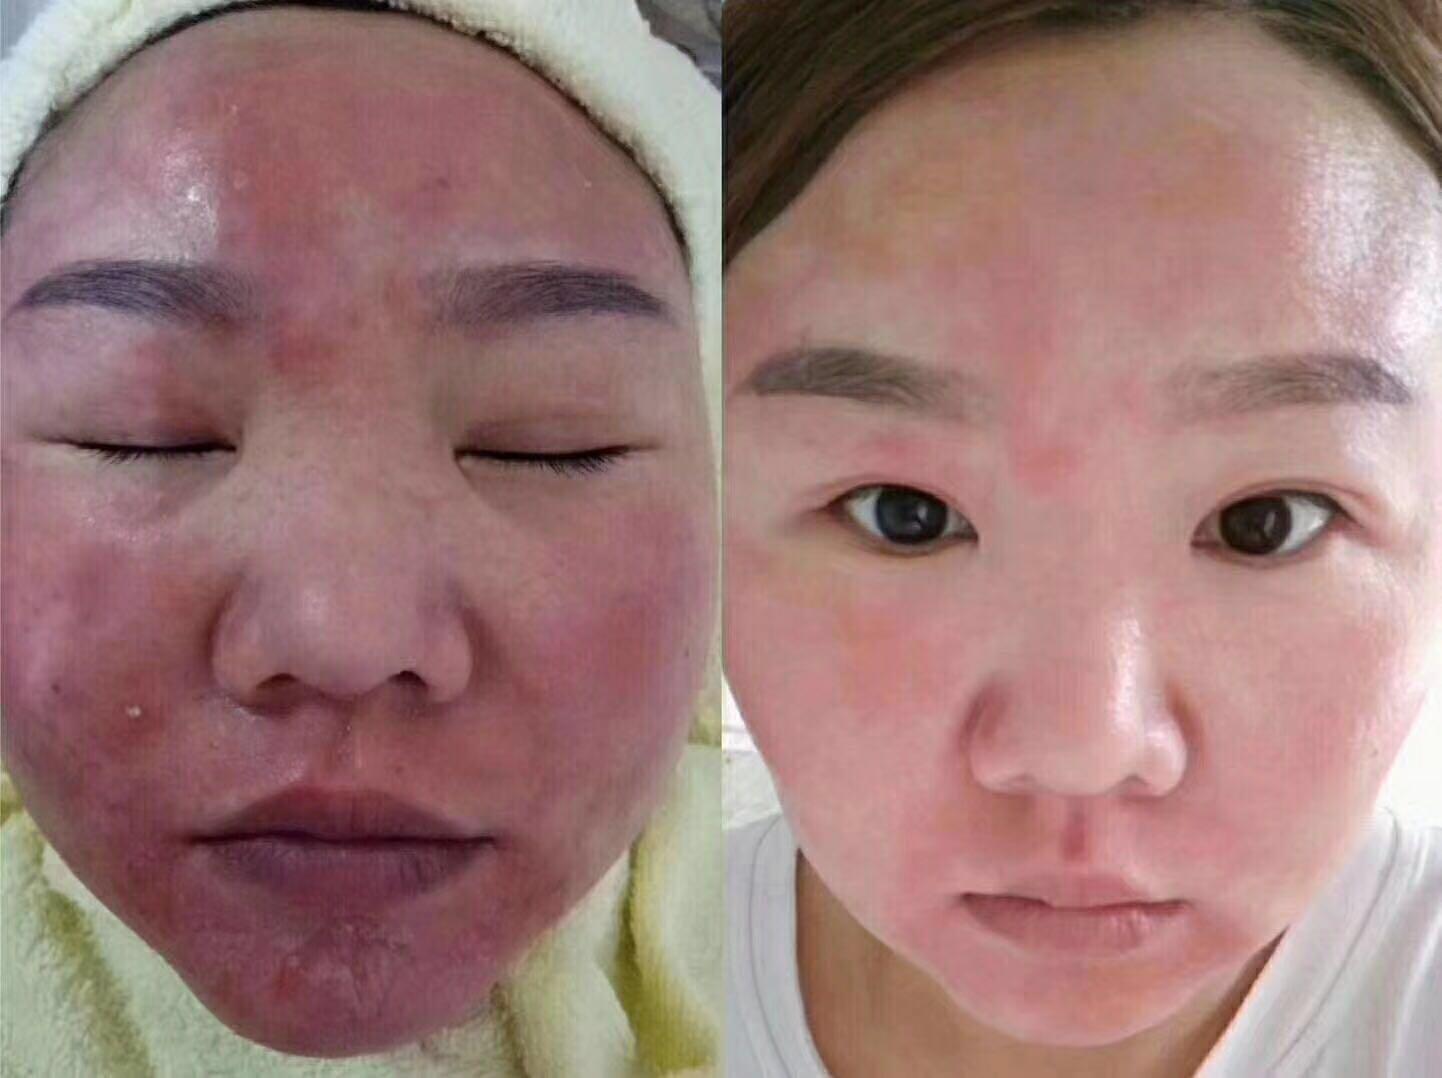 河东专业祛斑祛痘 专业的祛斑公司推荐